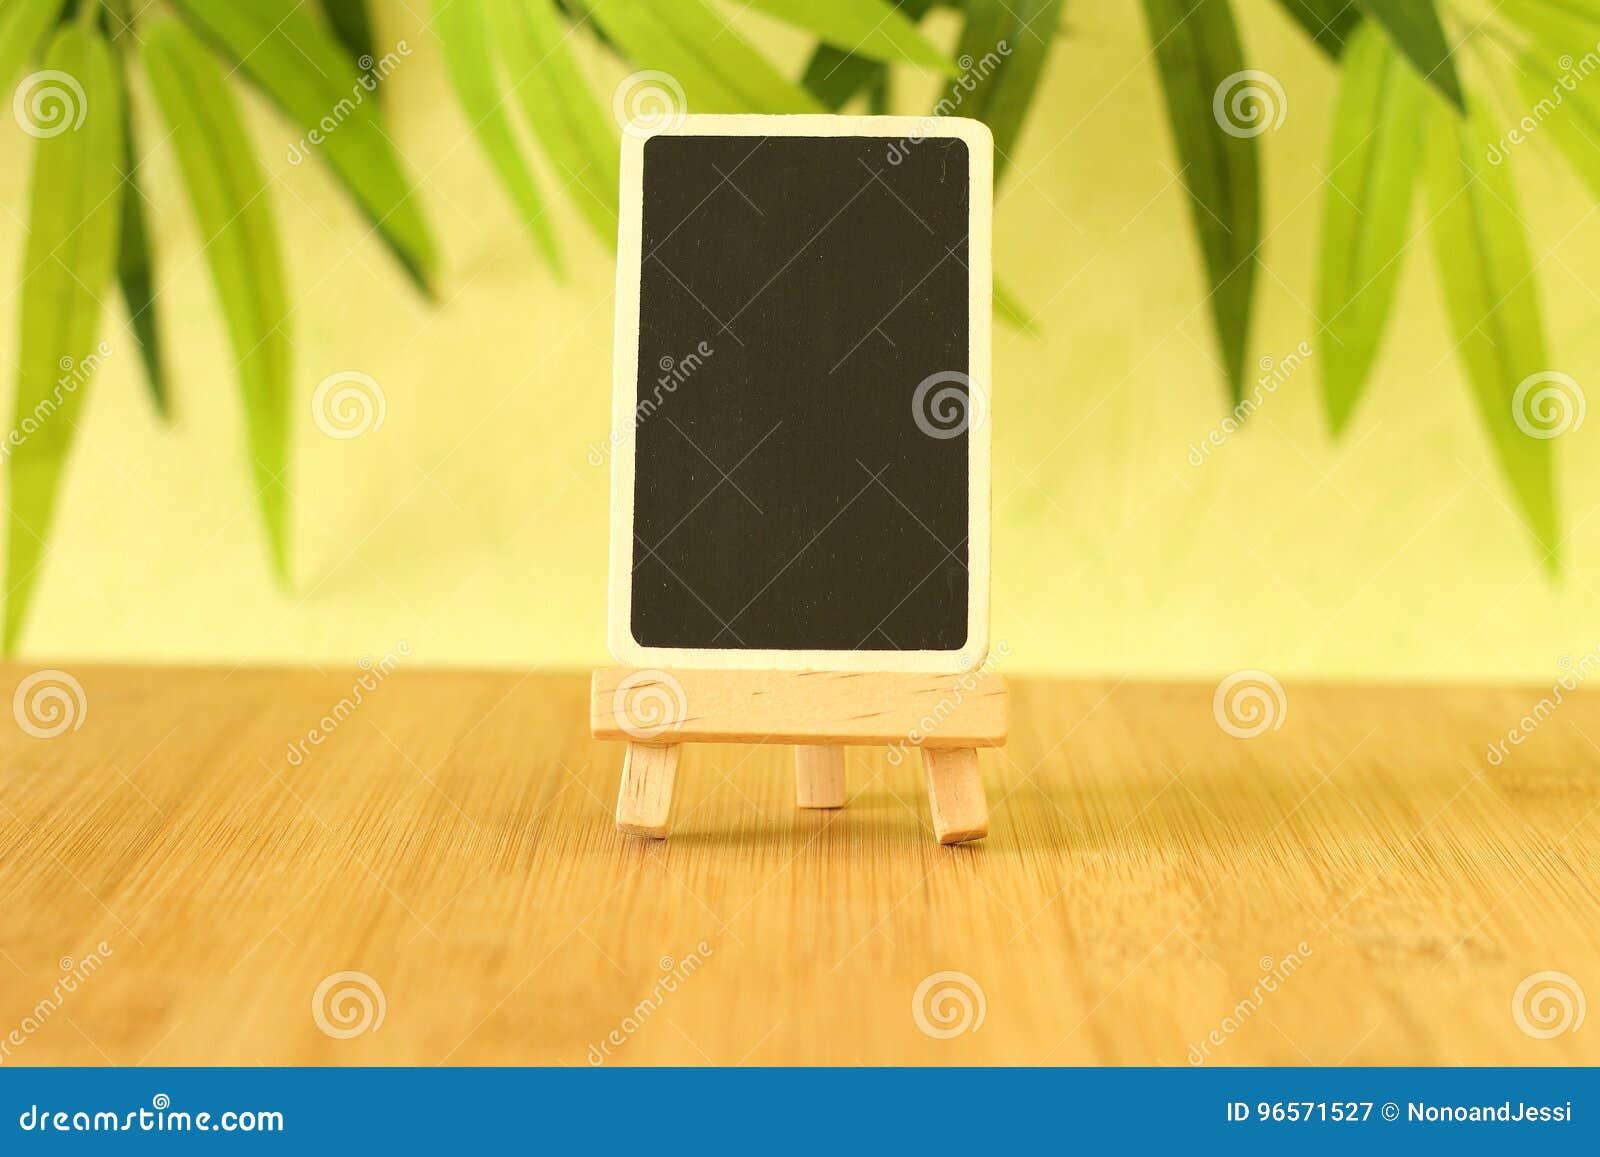 κενή πλάκα στο ύψος για να γράψει ένα μήνυμα που τίθεται easel όλων στο ξύλινο πάτωμα και το πράσινο υπόβαθρο φυλλώματος